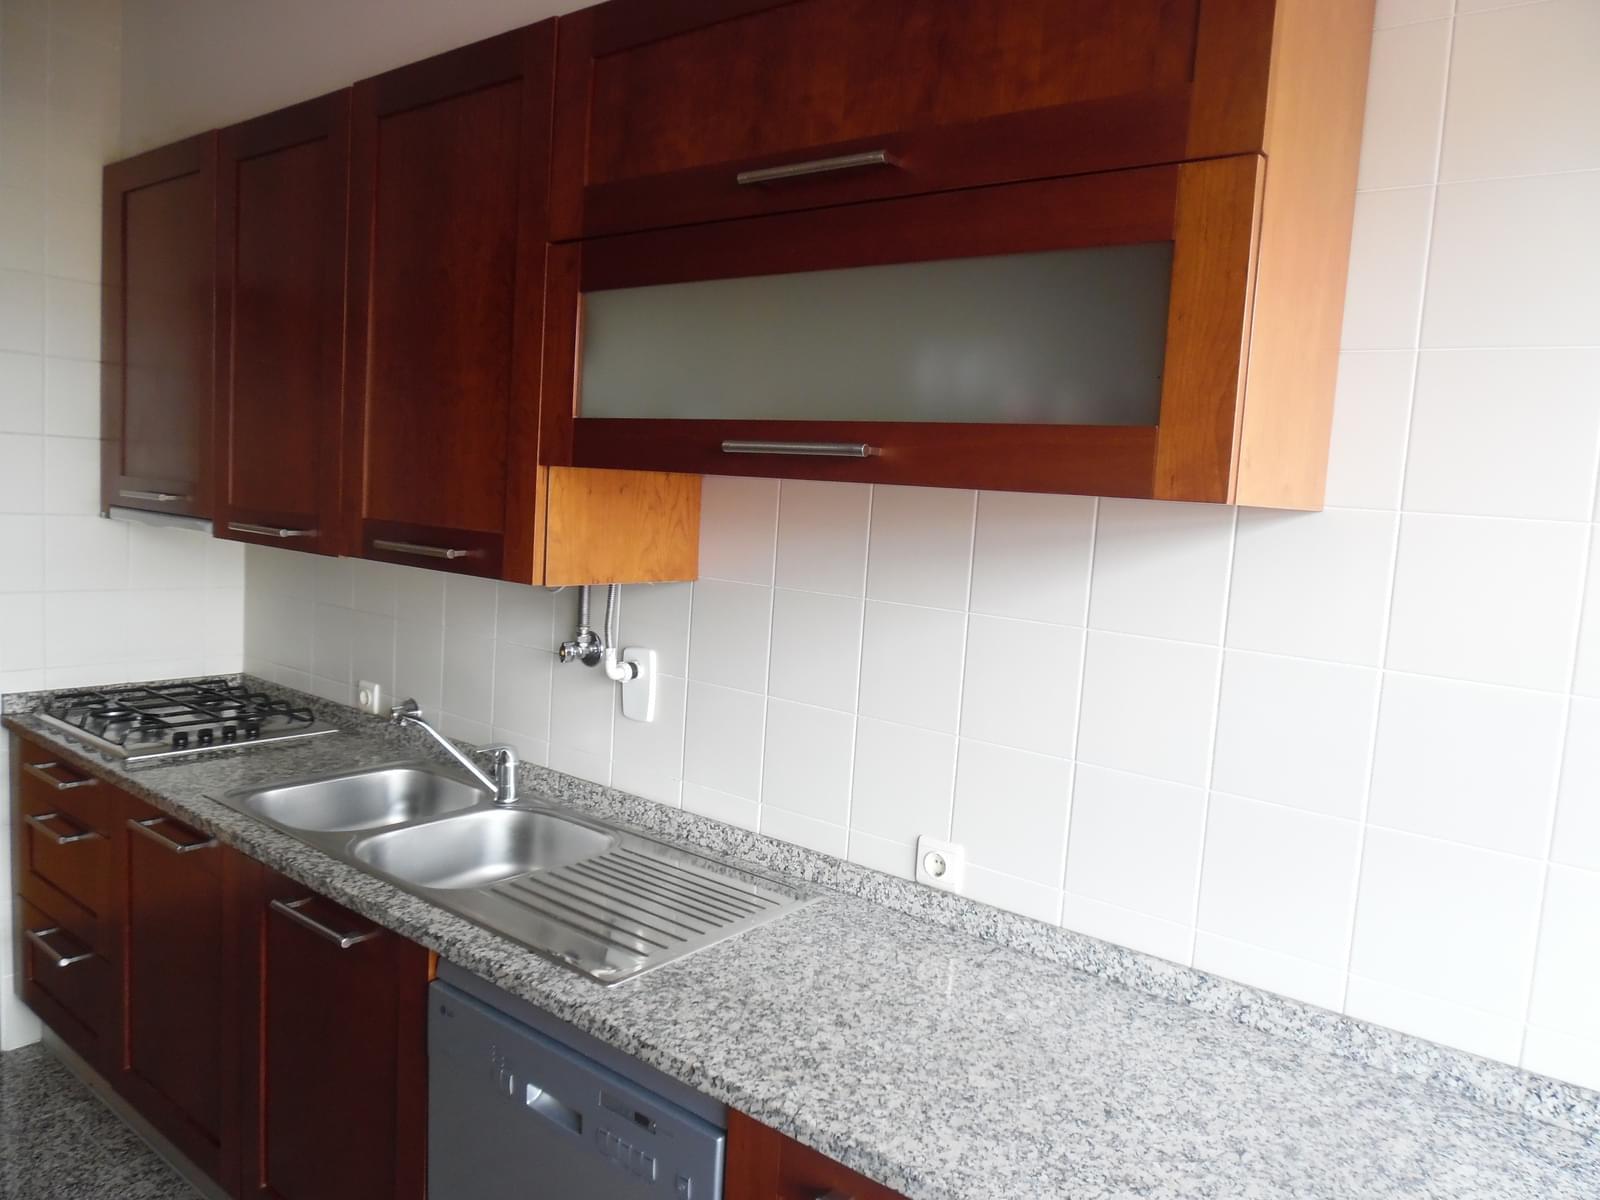 pf18329-apartamento-t1-lisboa-80717a68-f50d-4bac-a7a9-ad9807363761